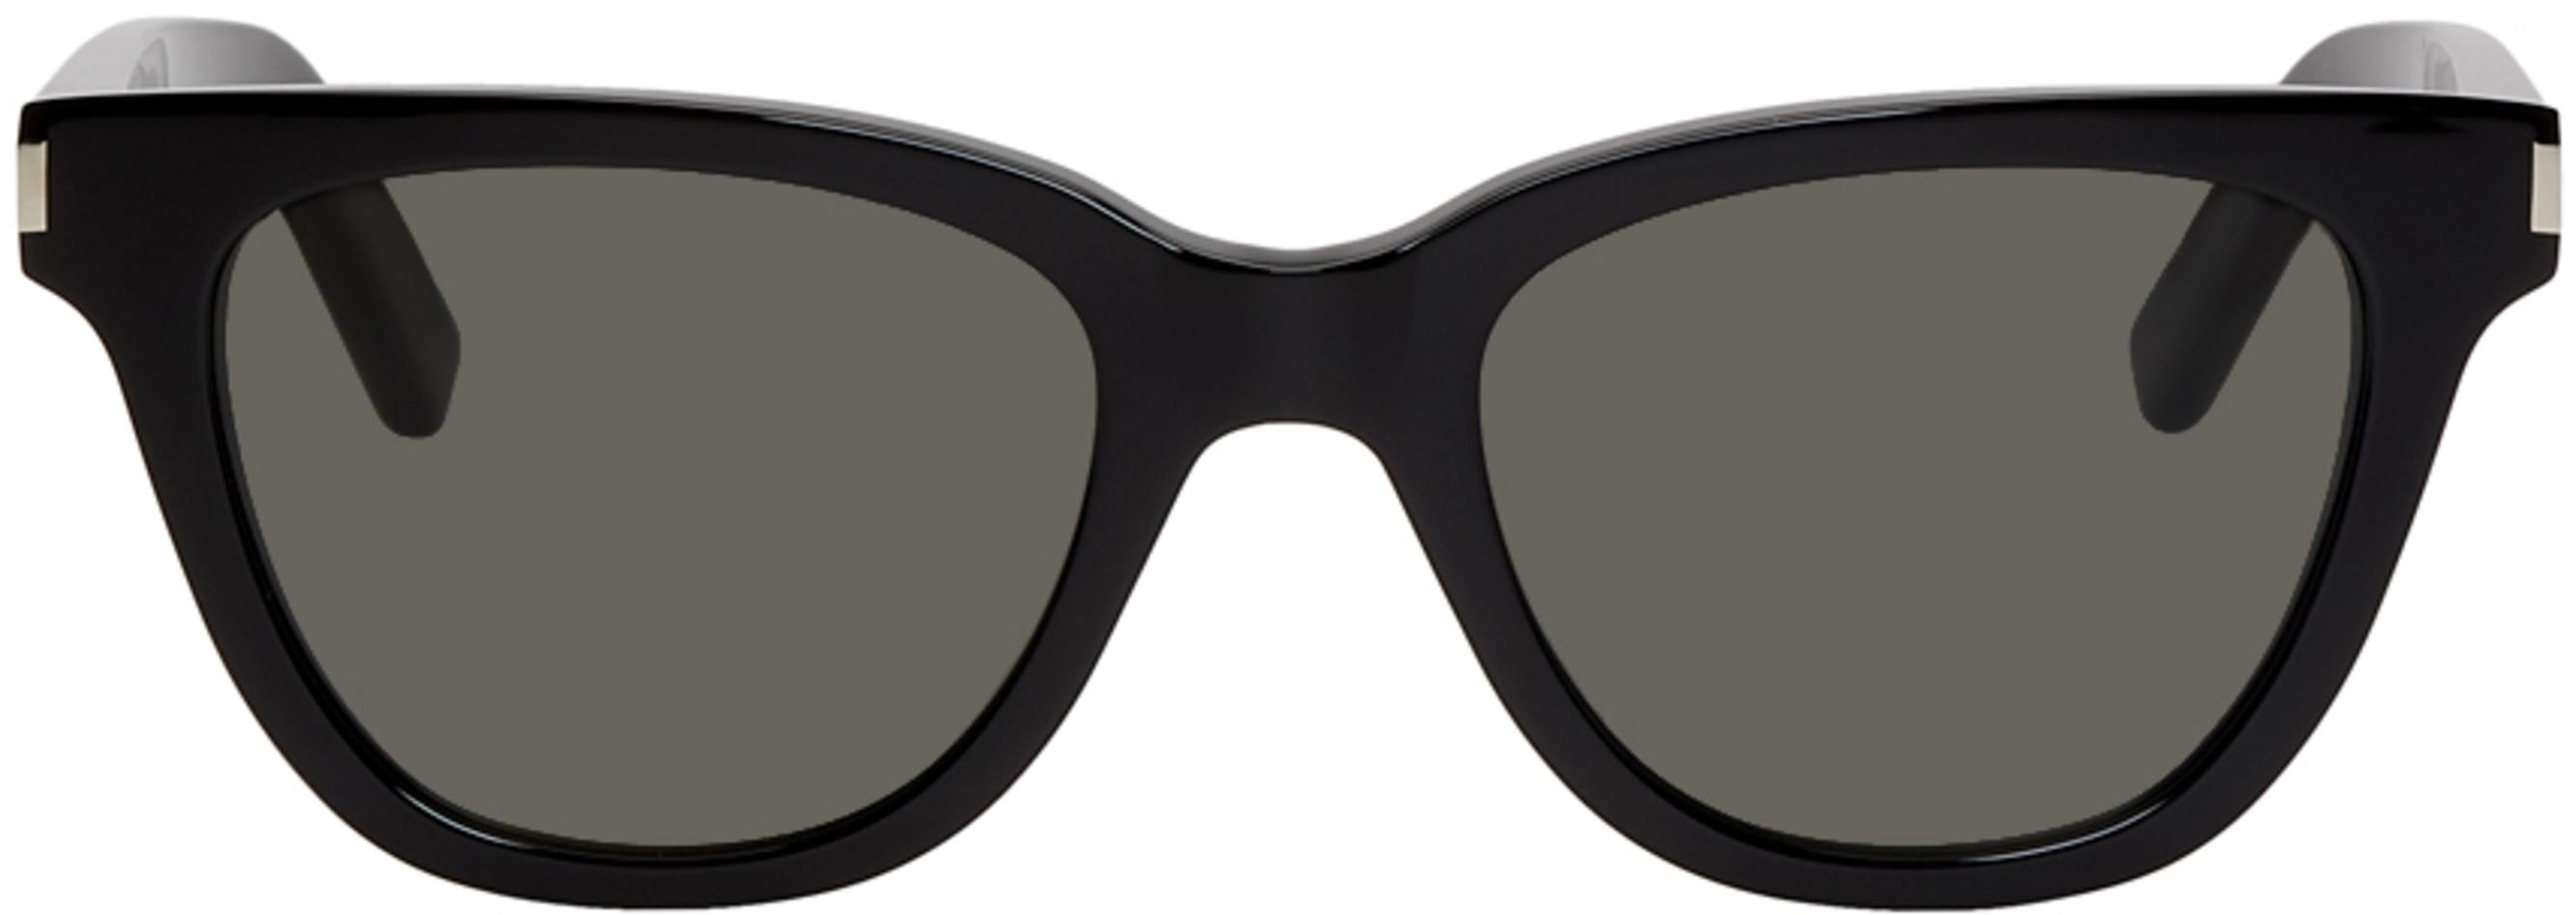 0e83e06363 Saint Laurent sunglasses for Women